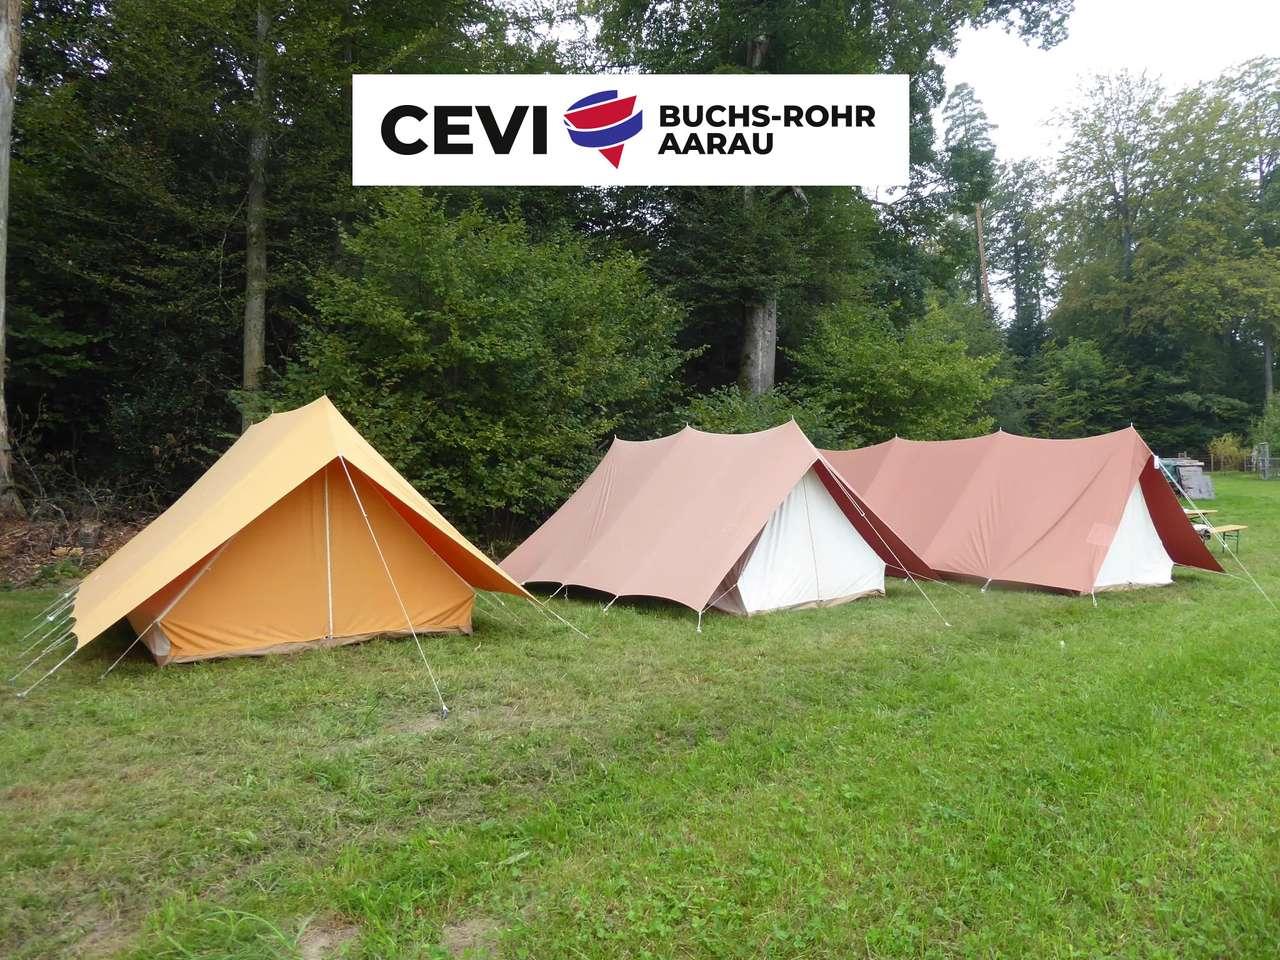 Cevi Buchs-Rohr Aarau